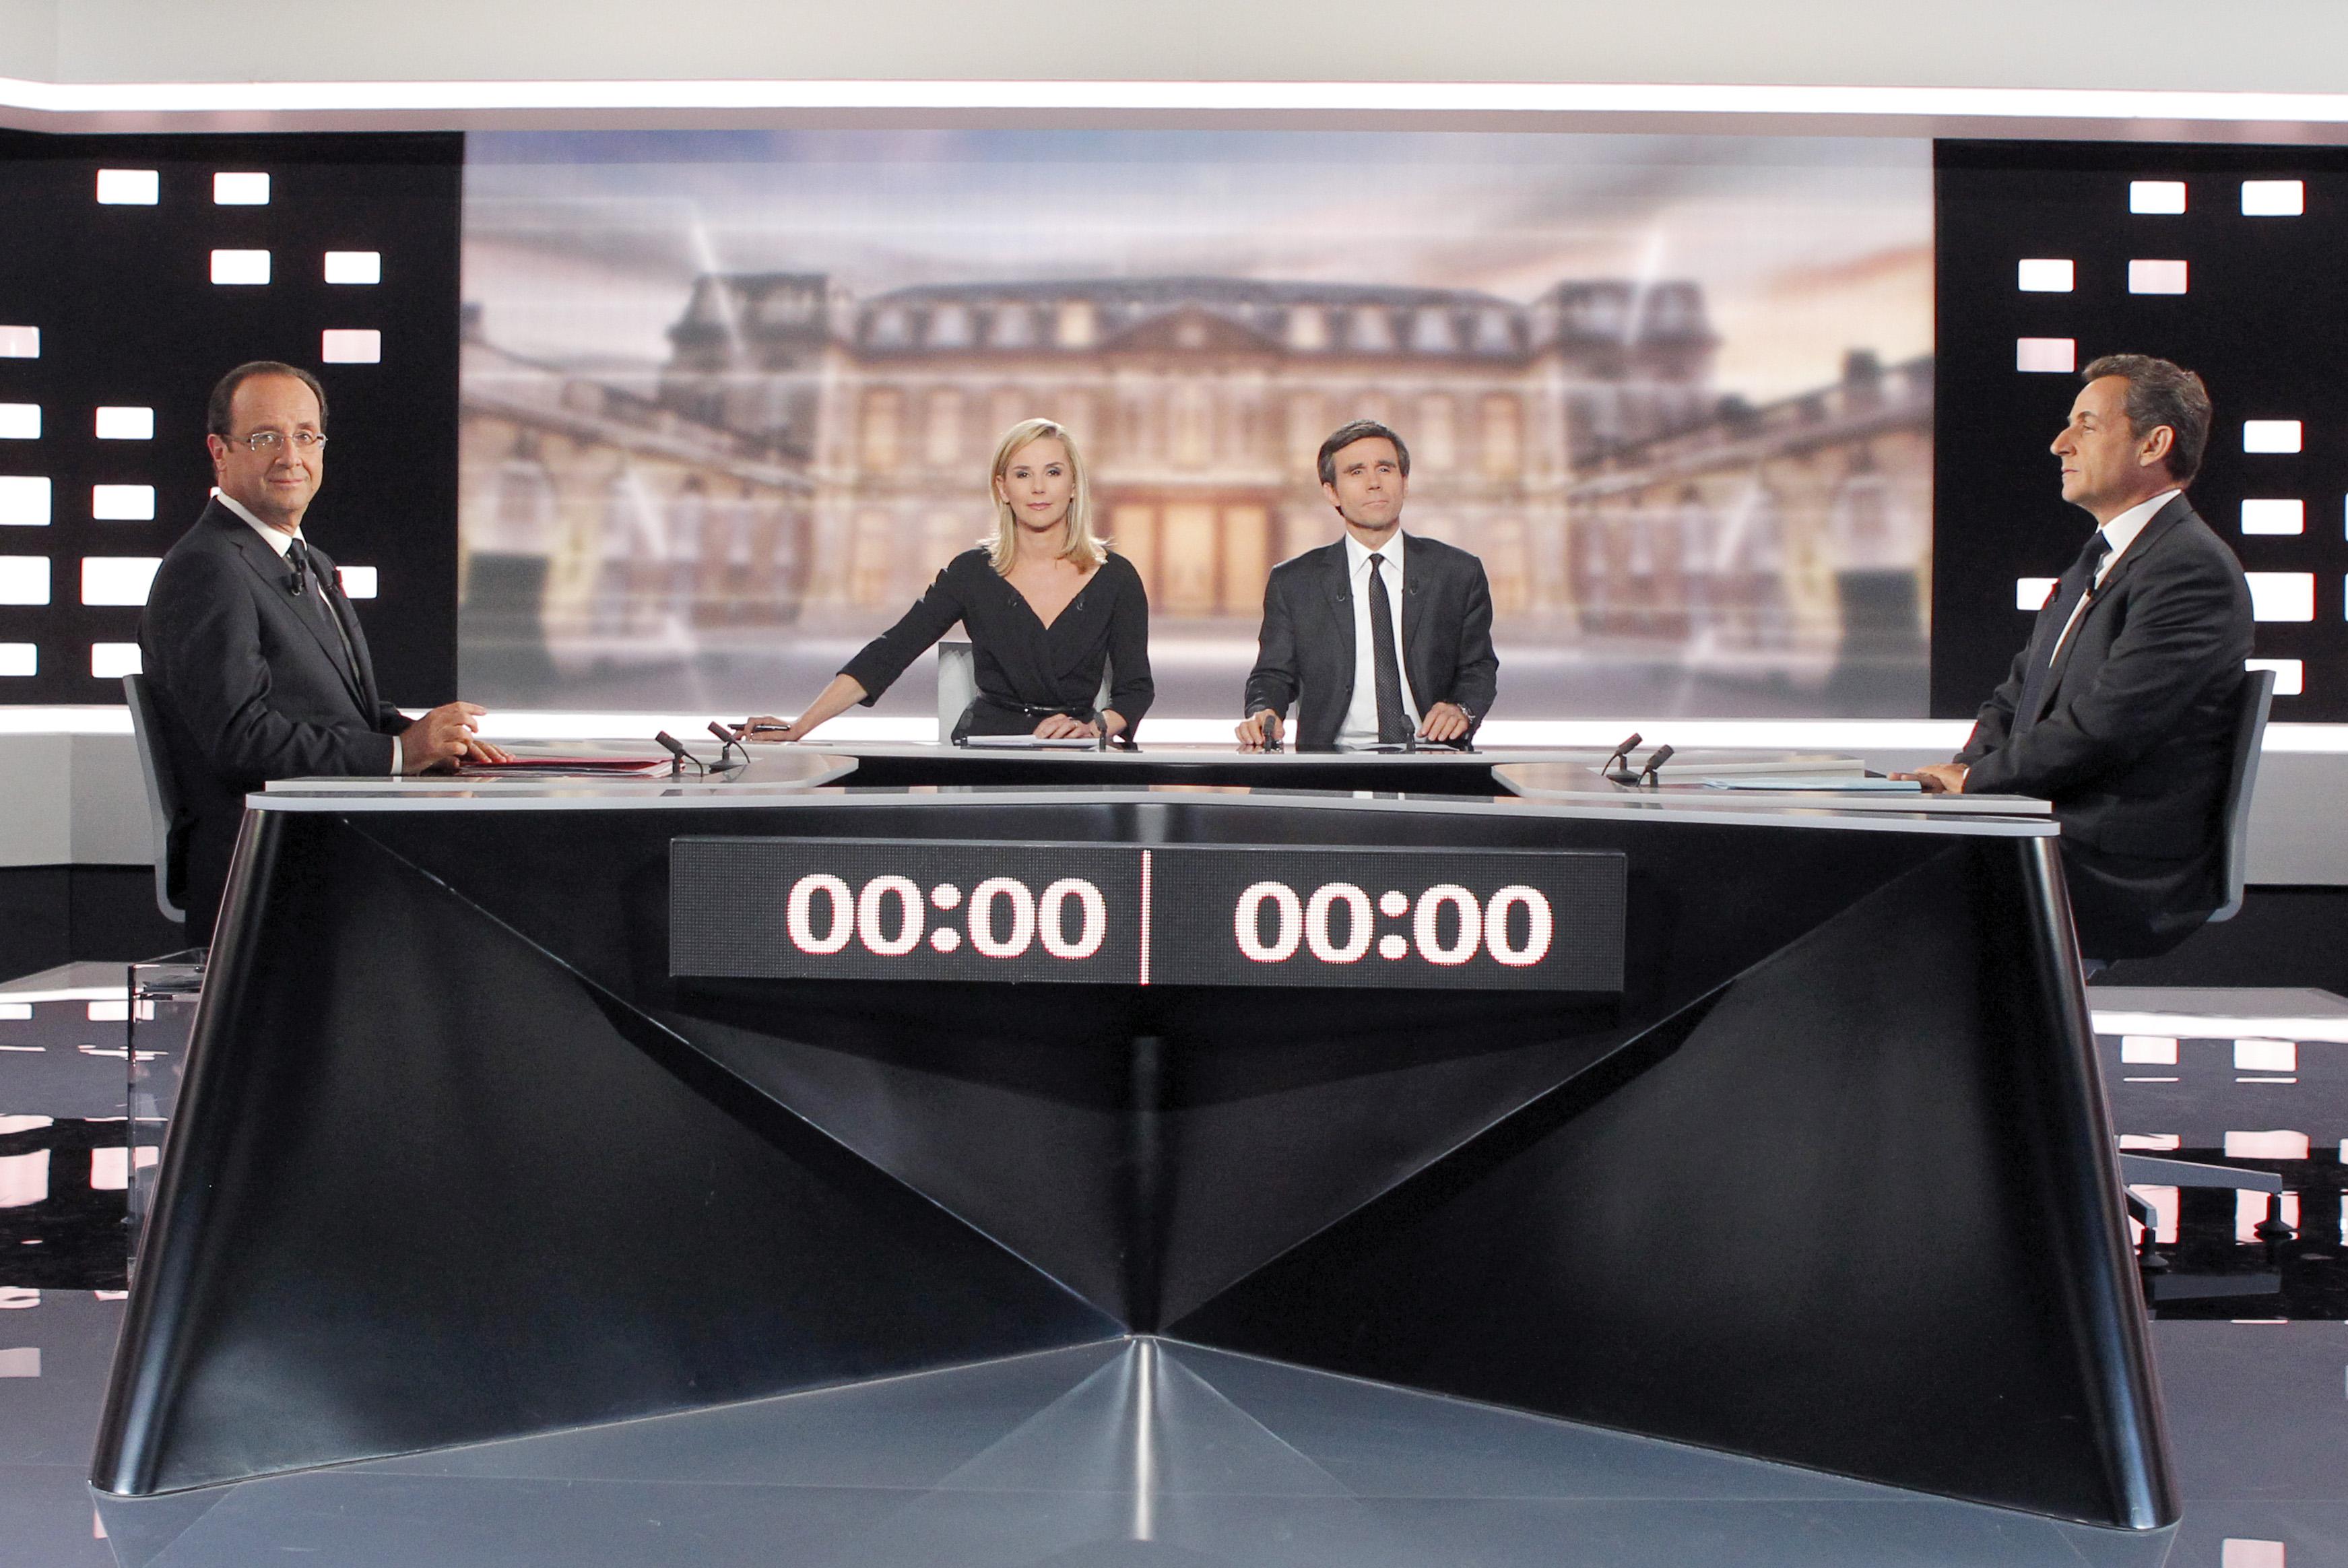 debats emissions politiques social tv digitalebox